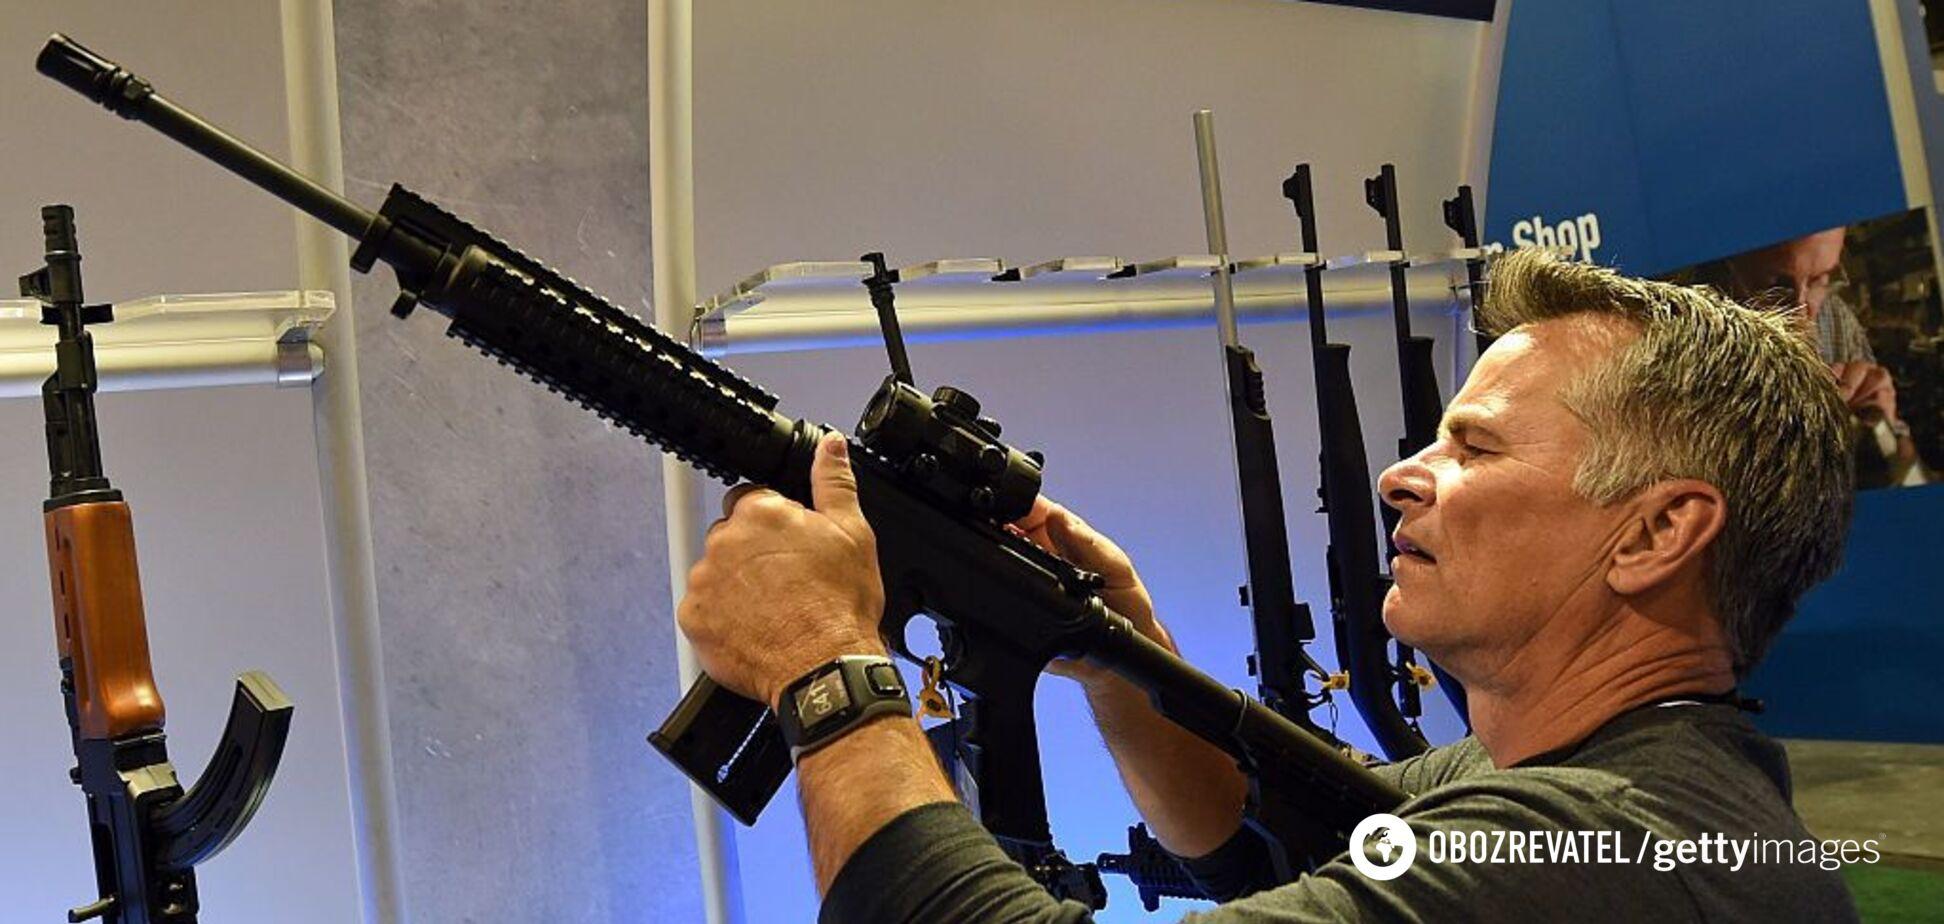 'Слуги народу' внесли законопроєкт про зброю в Україні: що відомо